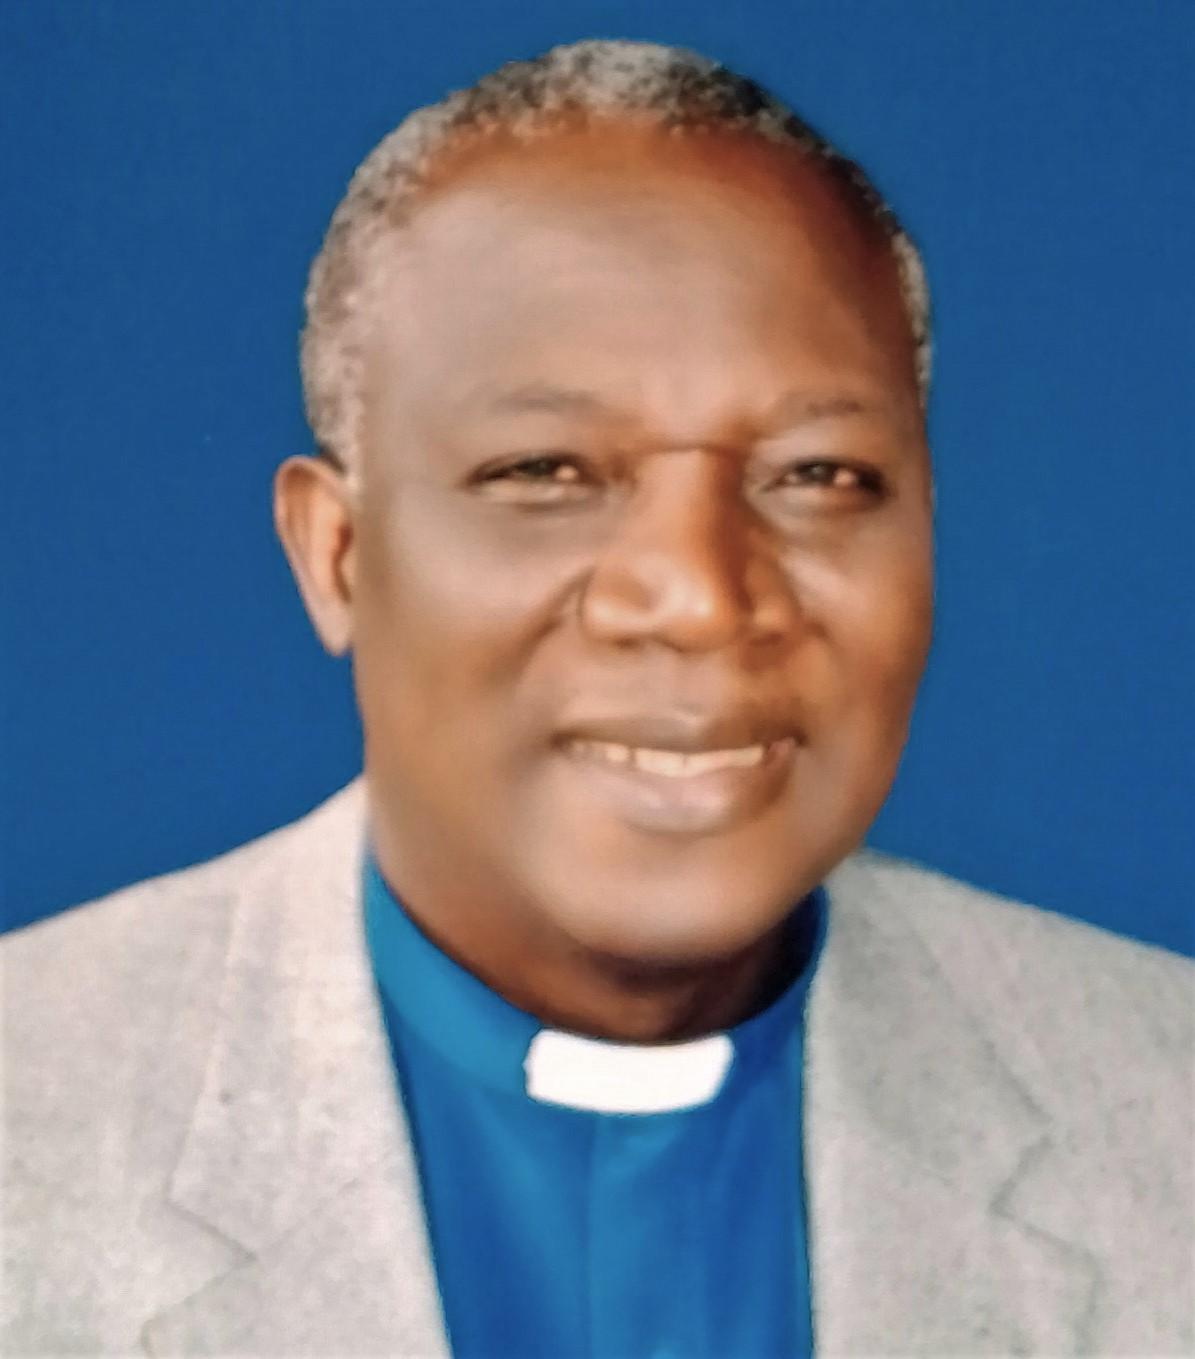 Rev. Prof. Samuel Waje Kunhiyop